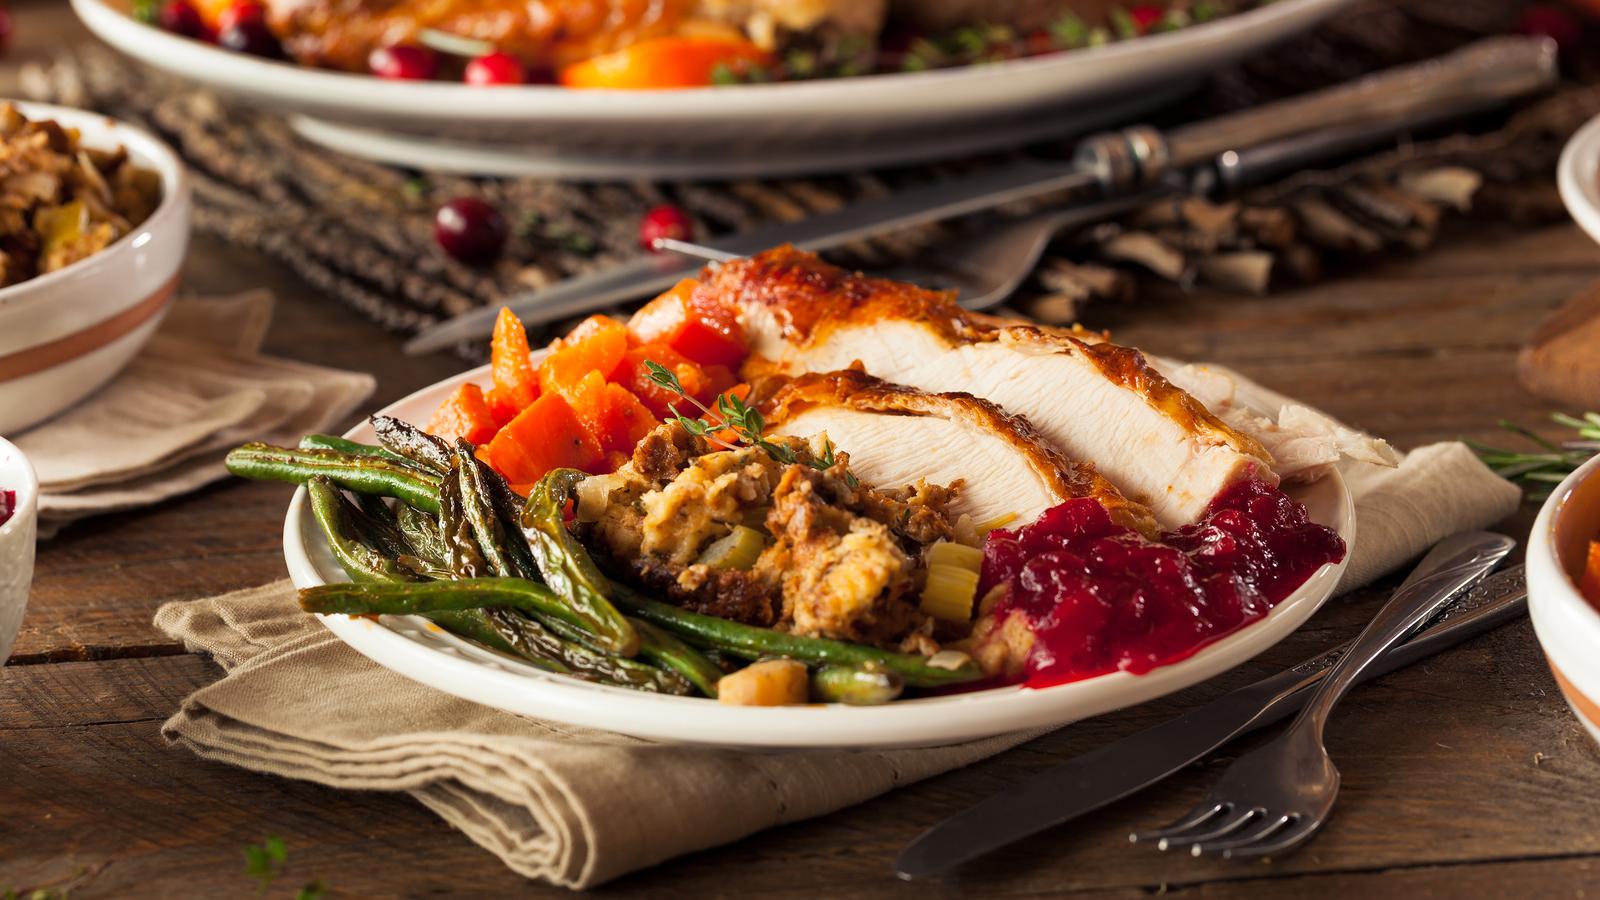 Takeaway Turkey Dinner